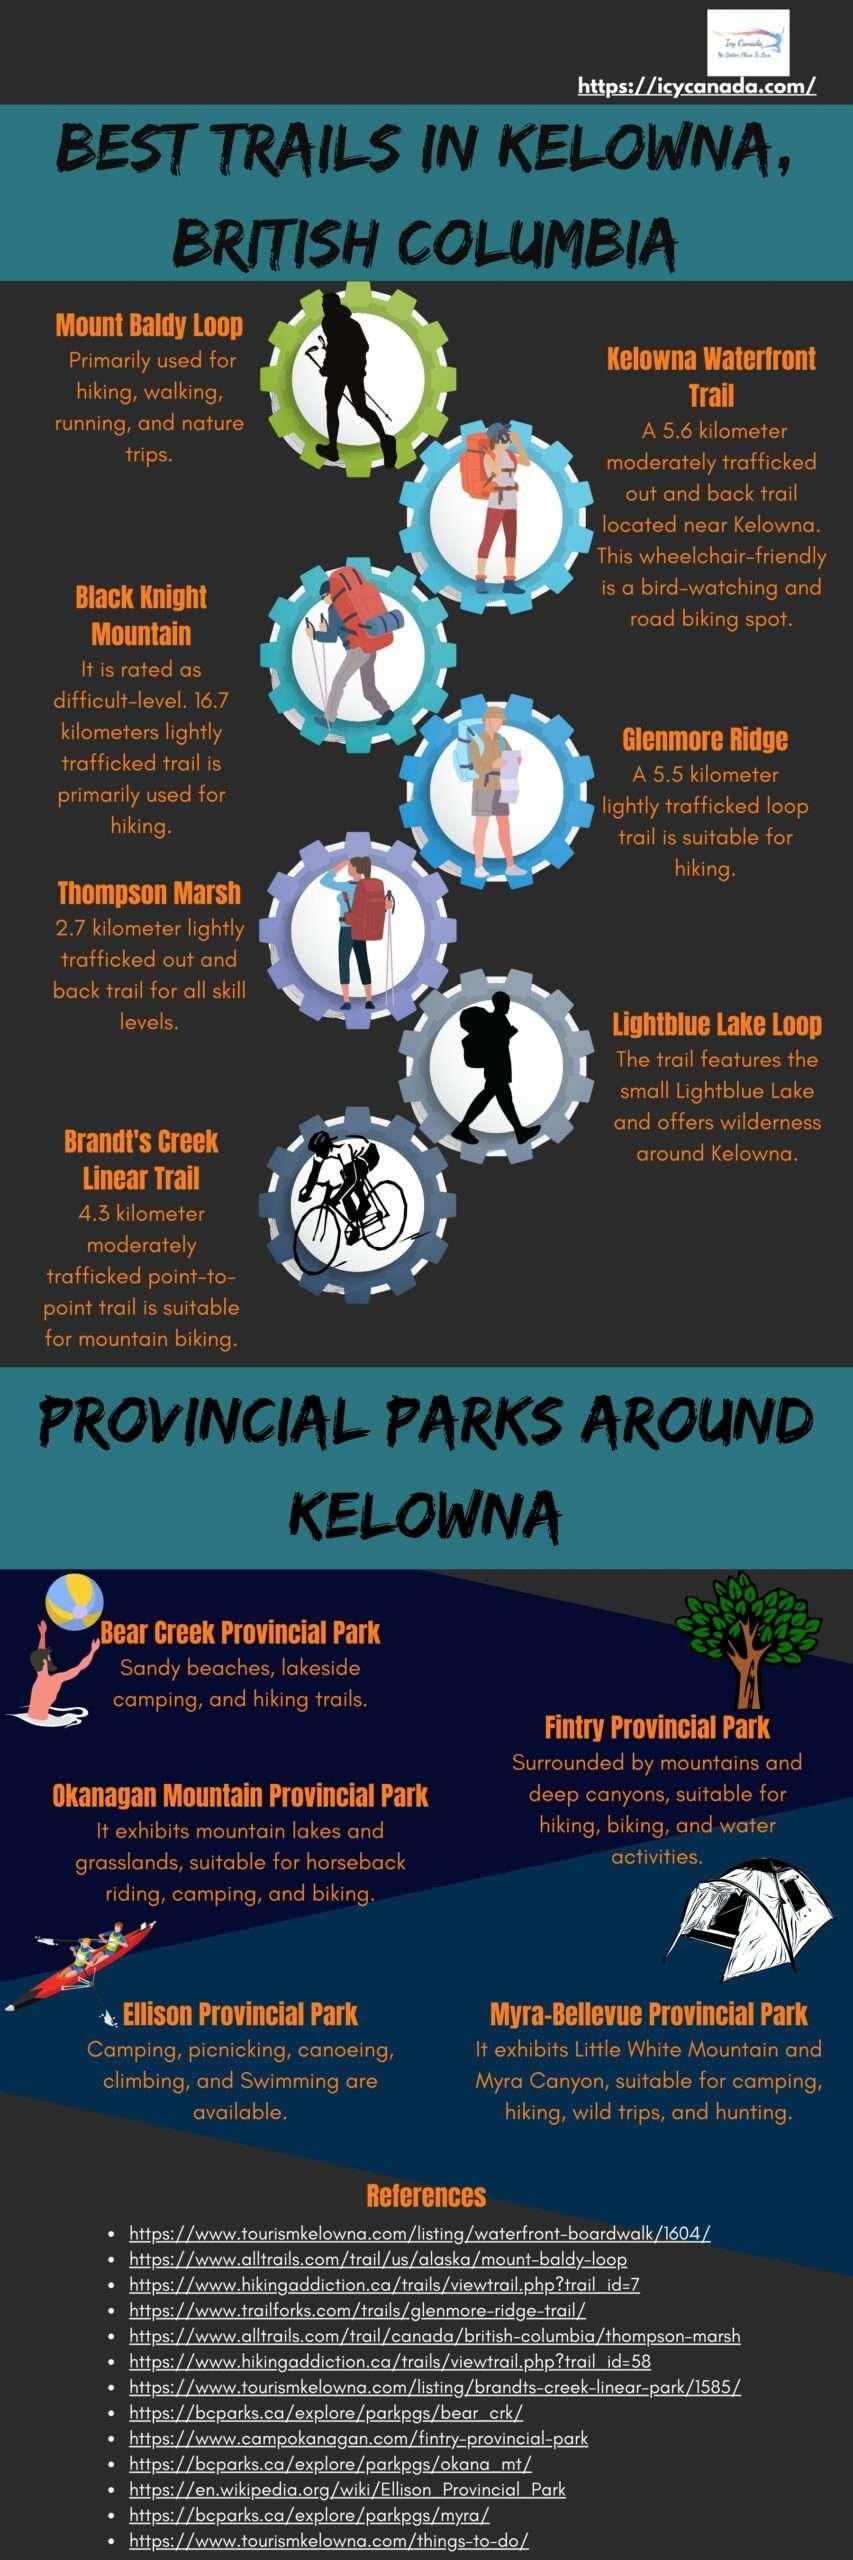 Best Trails In Kelowna